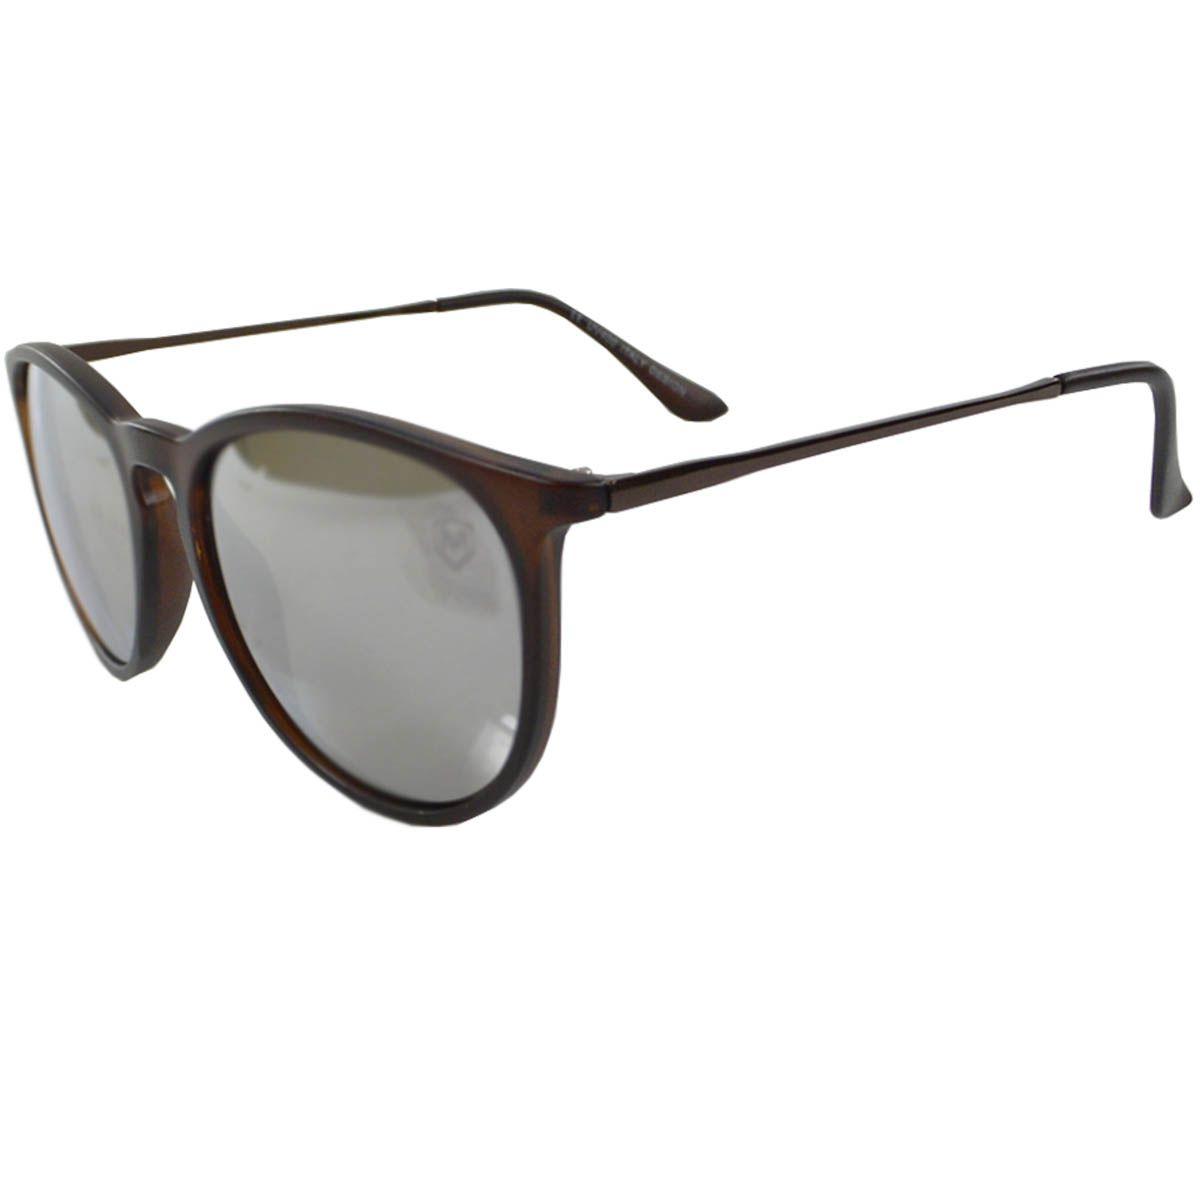 Óculos de sol MACKAGE BRASIL   Comprar Óculos de Sol Online é Aqui Acesse já ! deb17cab9a